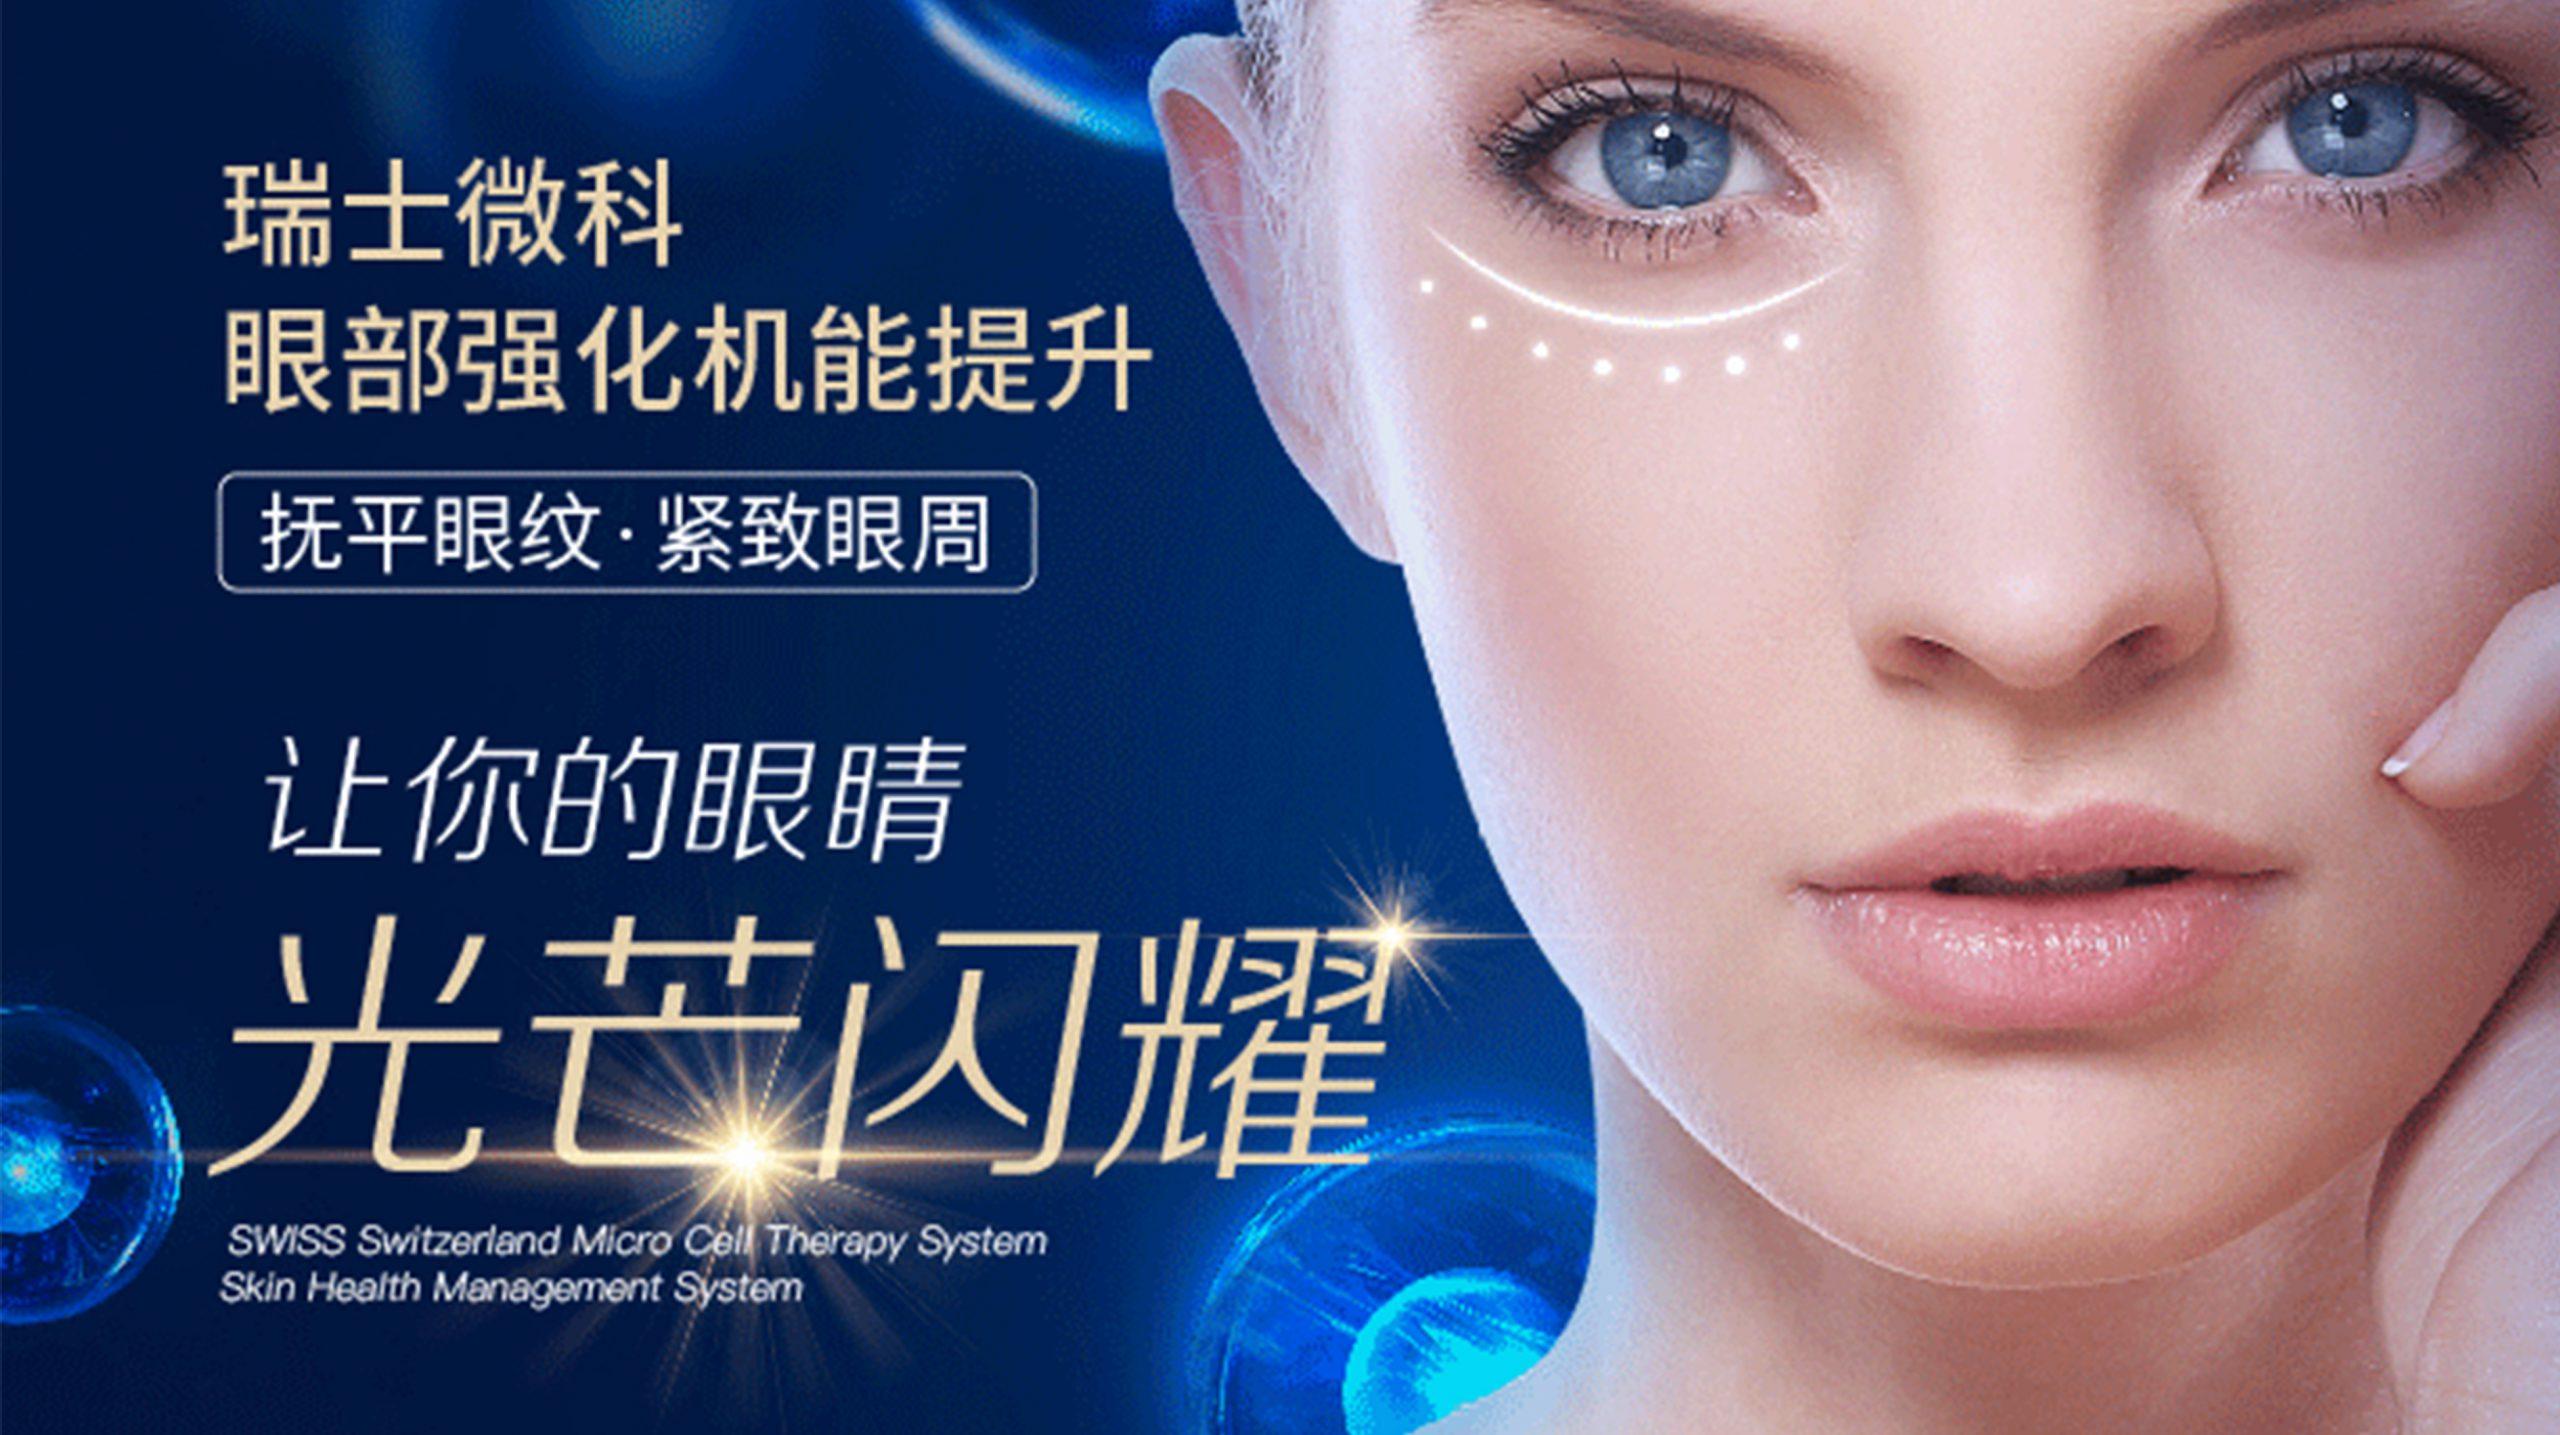 天使之眸,一眼倾心——瑞士微科·眼部强化机能提升